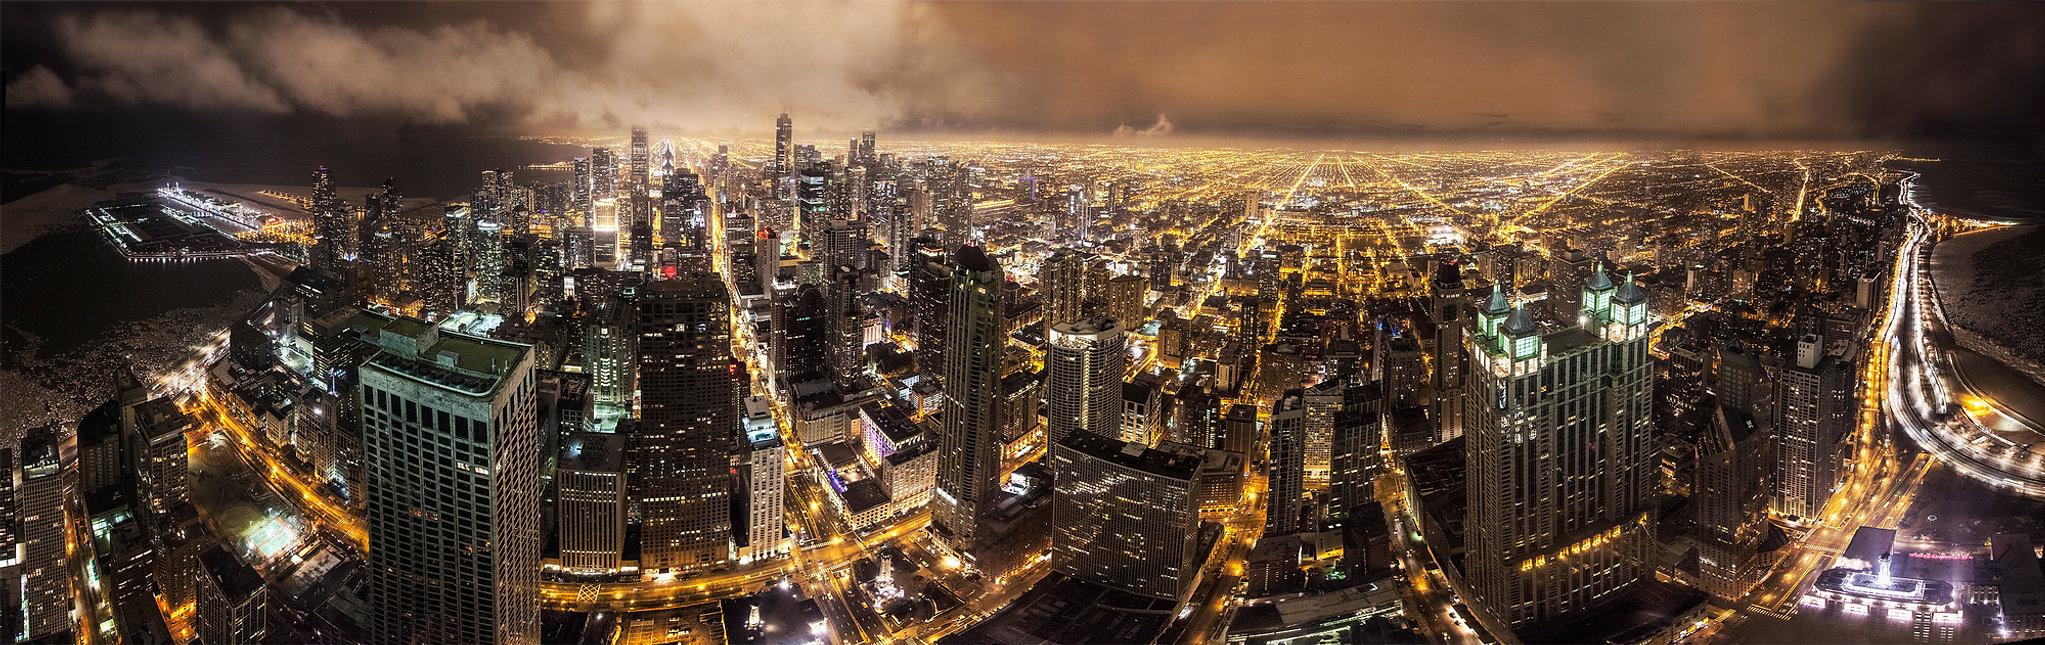 Chicago Panorama.jpg